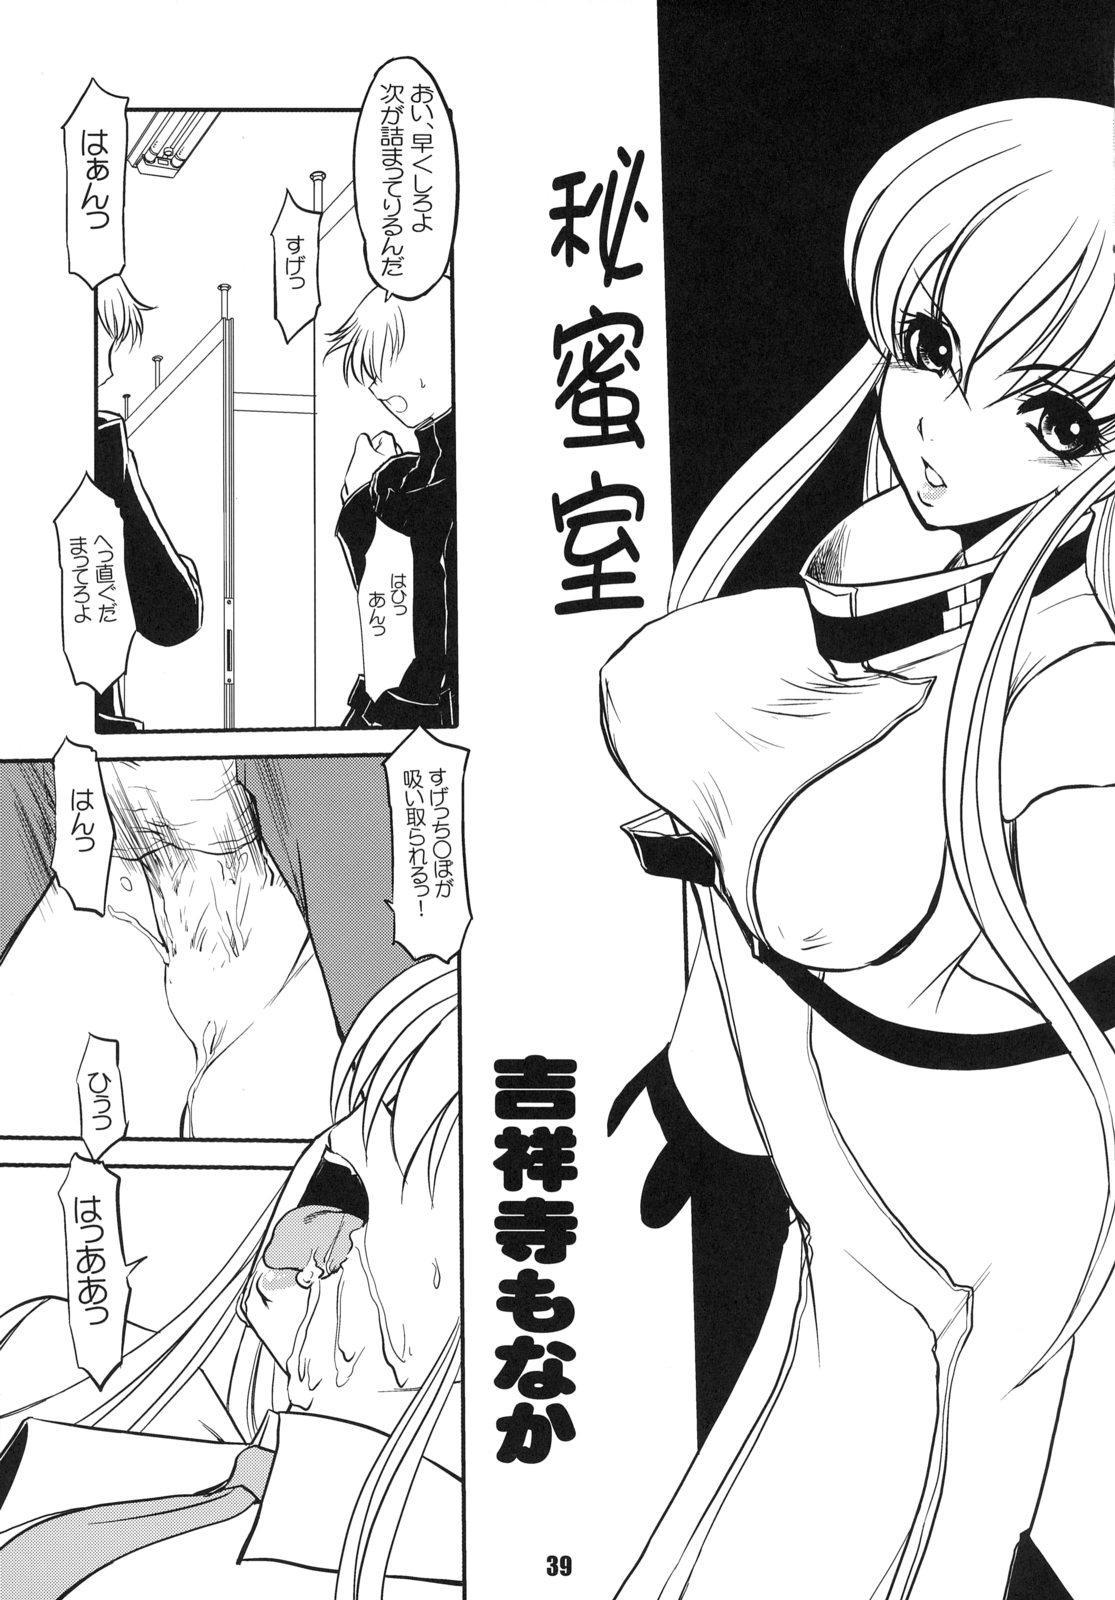 Geass Damashii 37